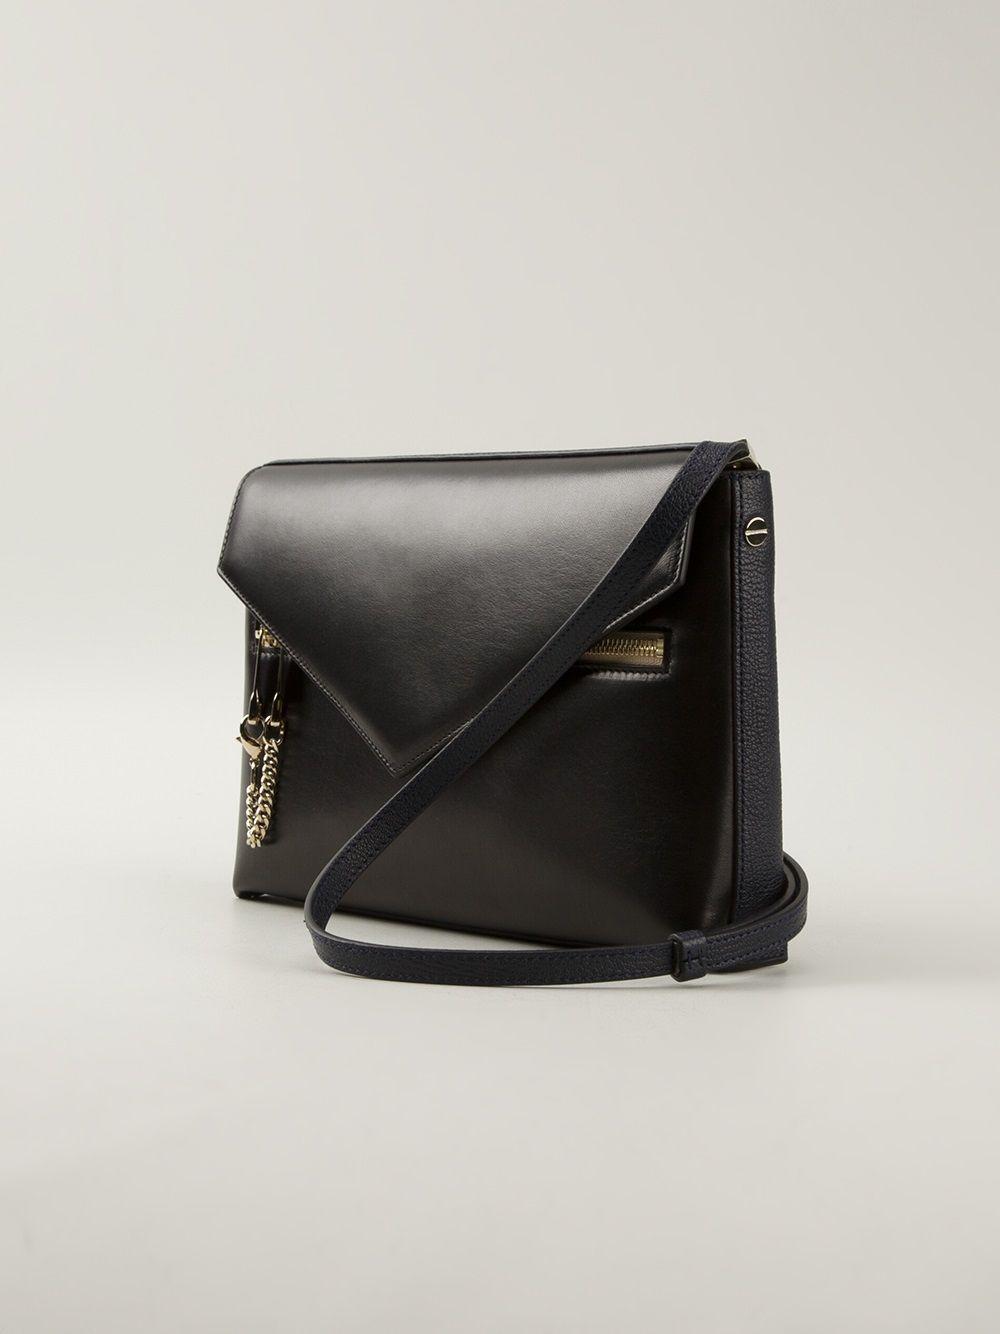 Chloé  cassie  Pochette Shoulder Bag - Gente Roma - Farfetch.com ... 2f2952a6e5312